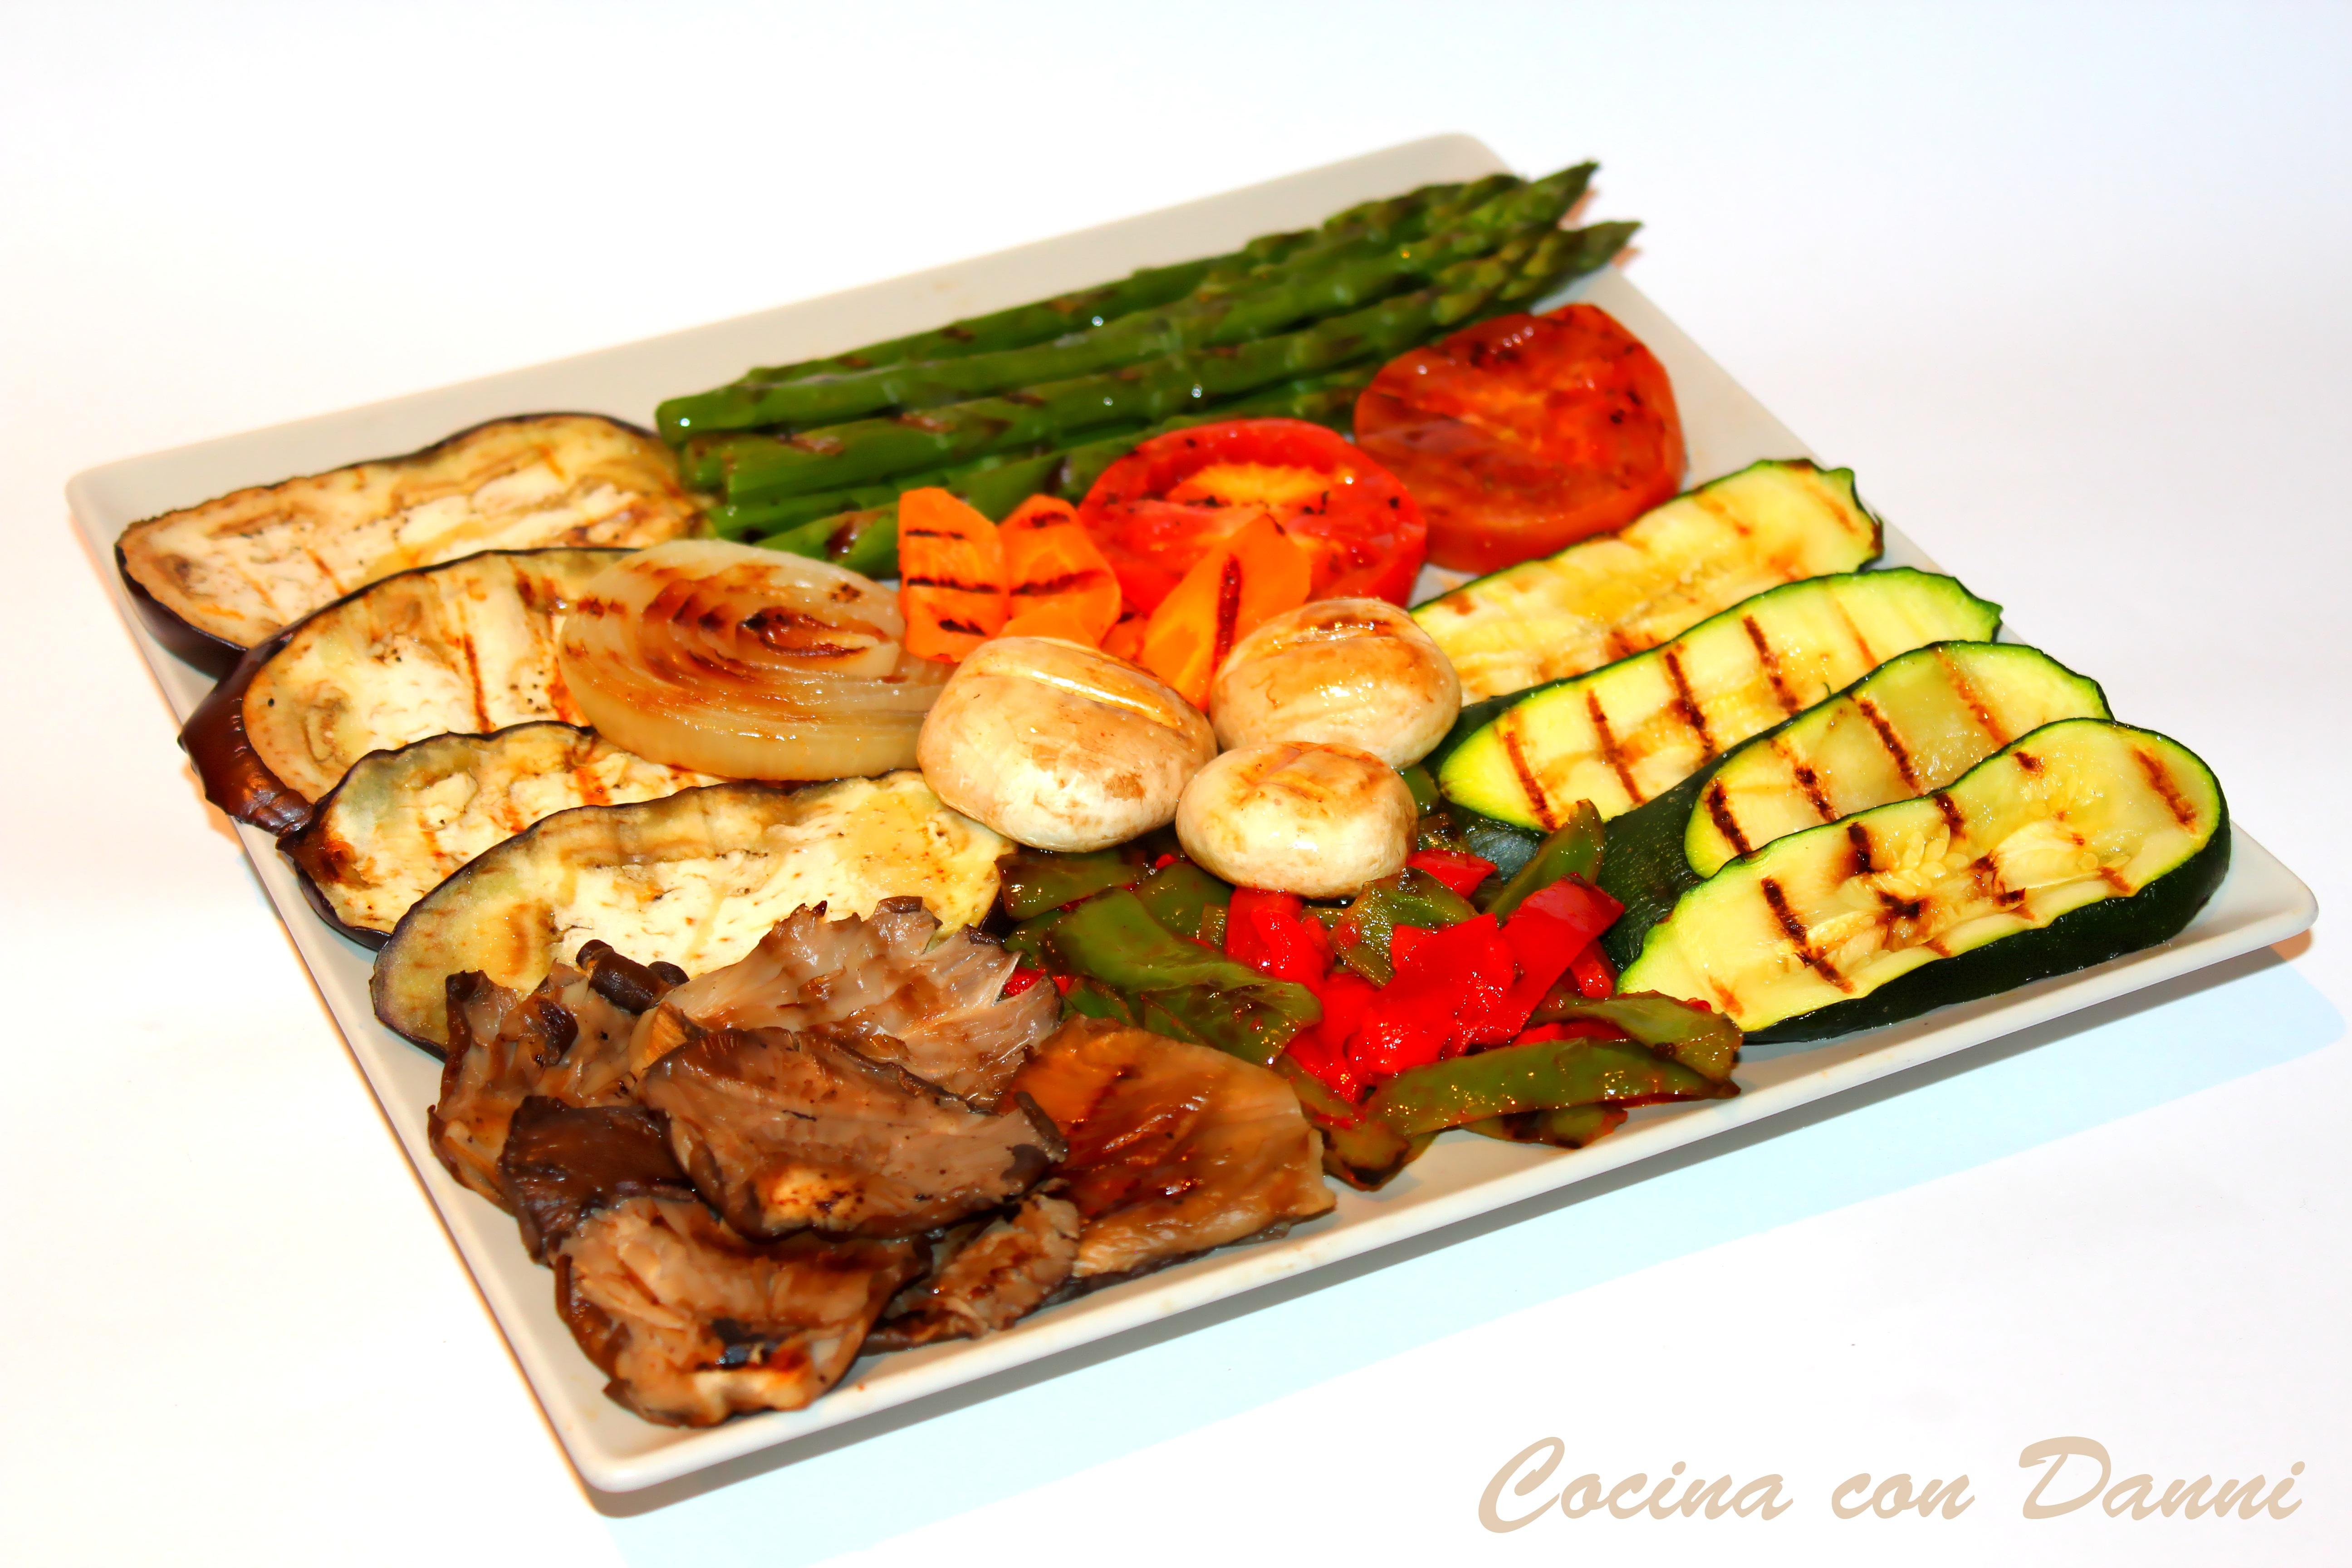 Verduras a la parrilla cocina con danni for Parrillada verduras